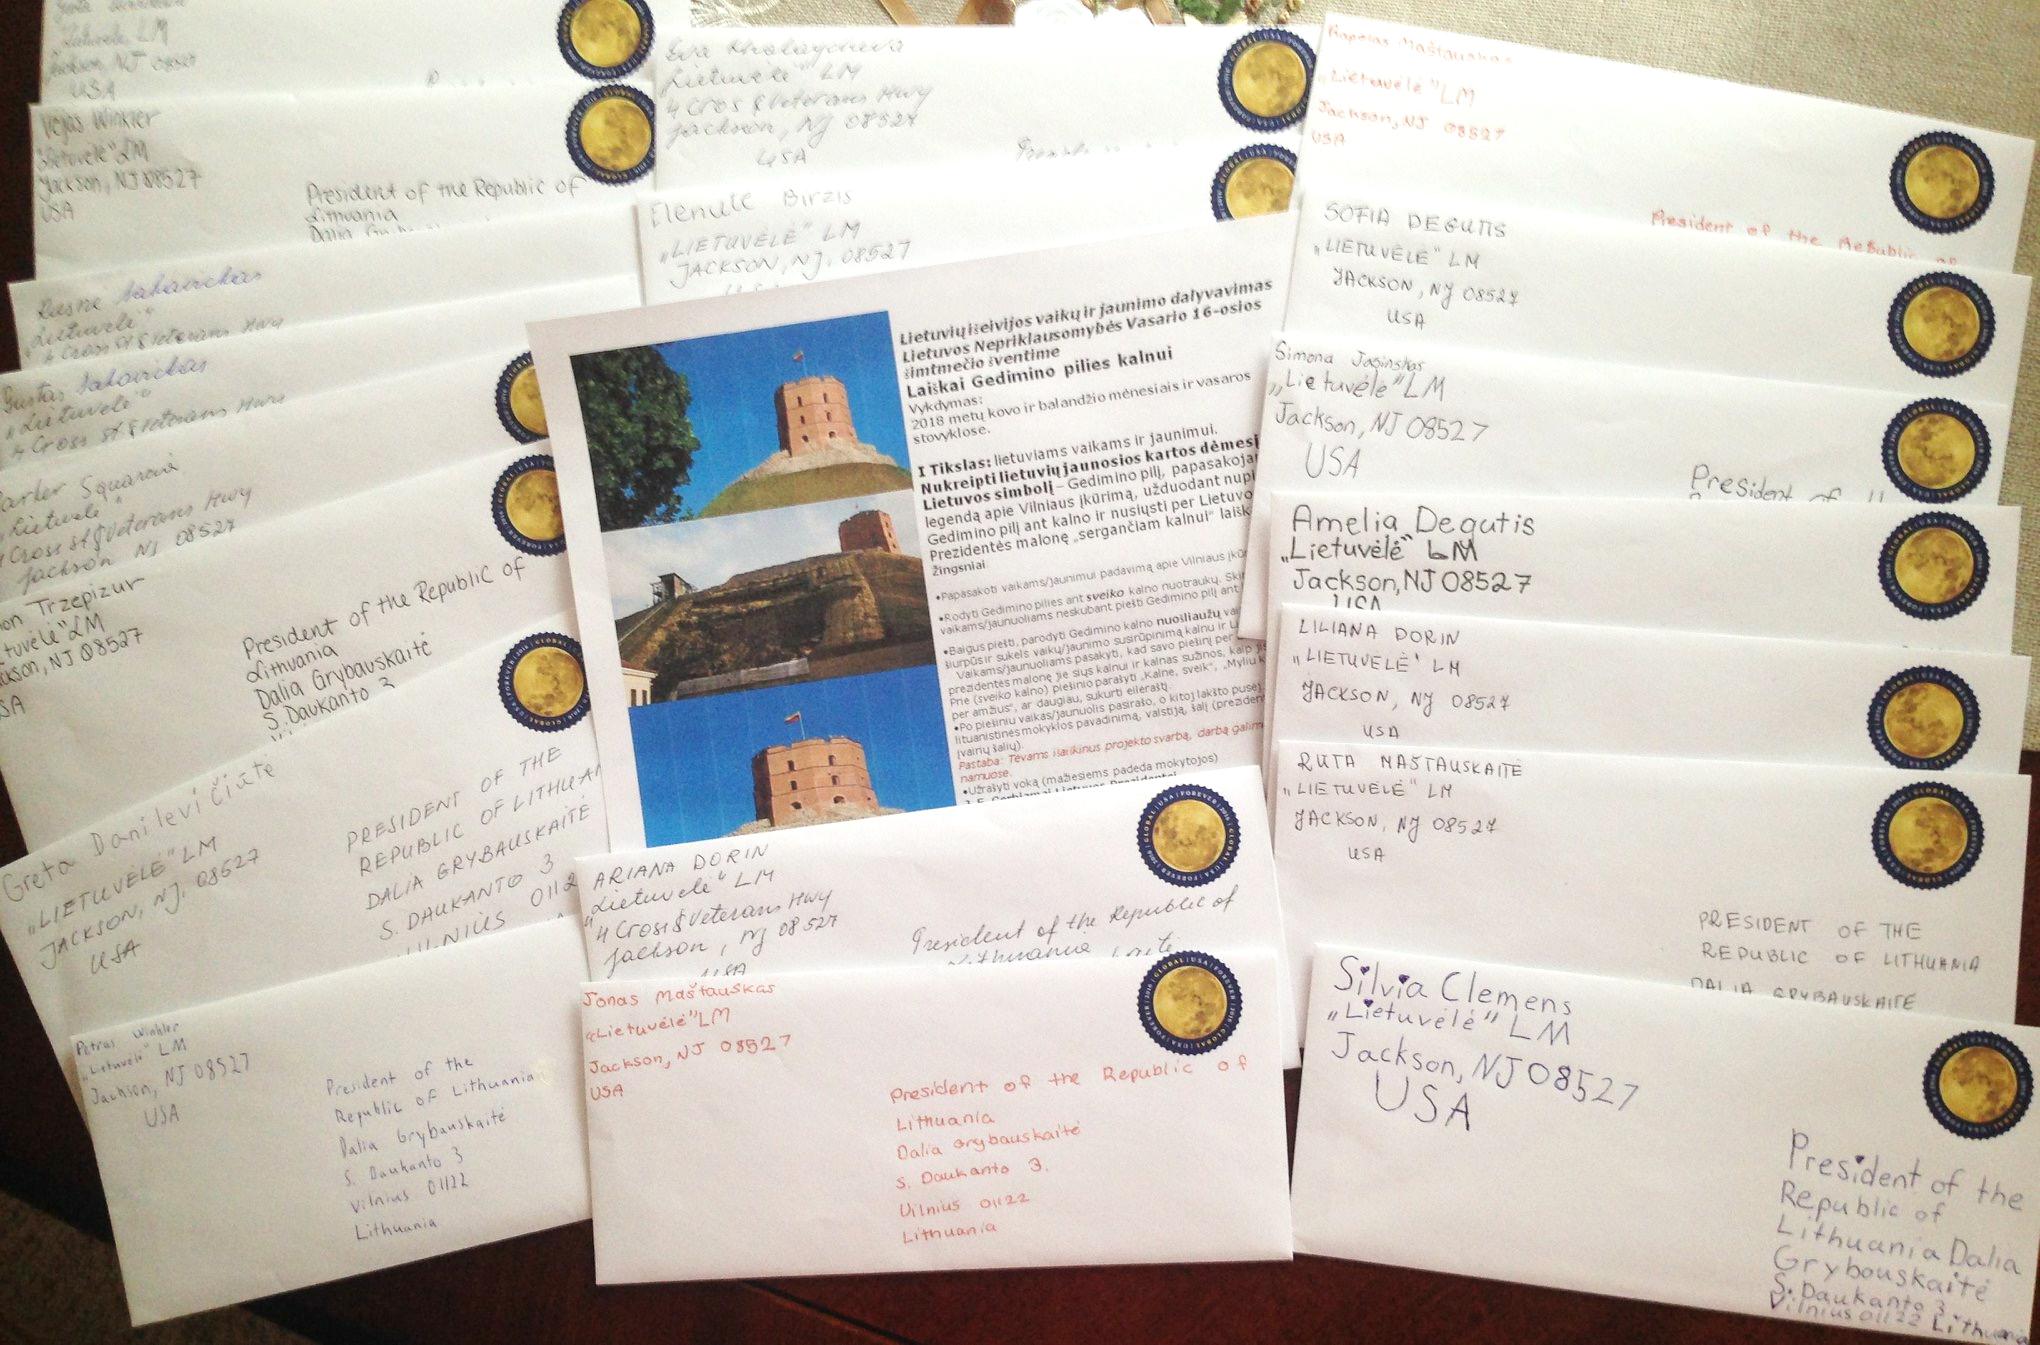 Savo piešiniais ir laiškais Lietuvos Respublikos prezidentei Daliai Grybauskaitei vaikai išreiškė susirūpinimą kritine Gedimino kalno būkle.